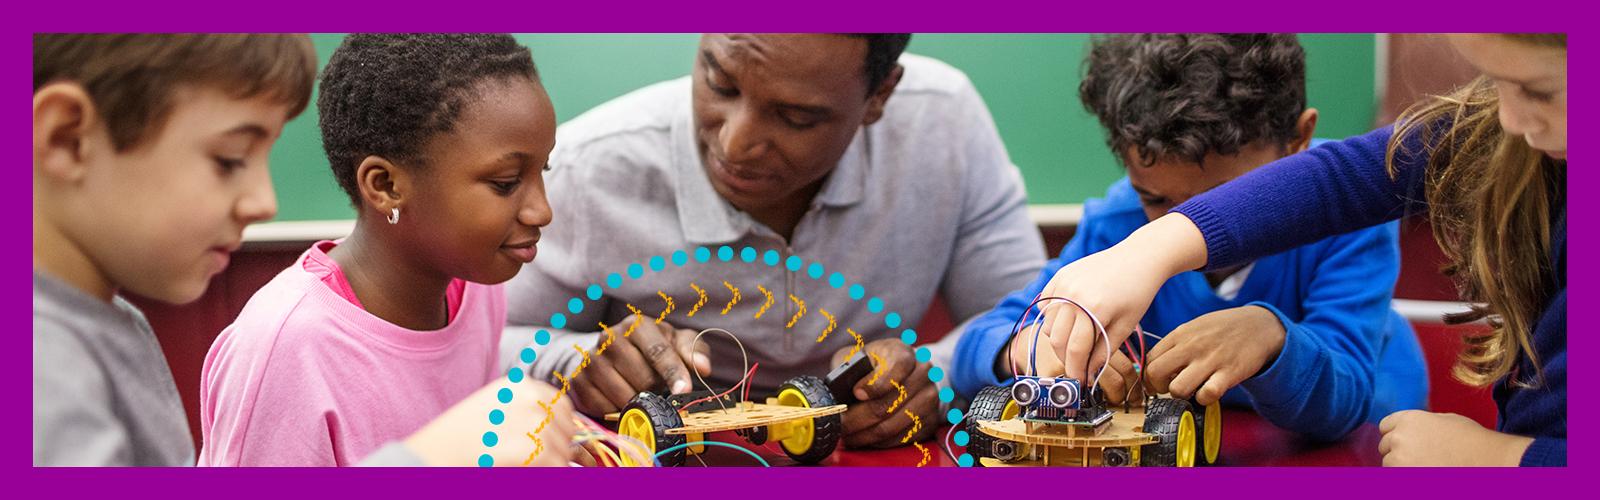 Imagem mostra professor montando protótipos durante uma aula de robótica. Ele é um homem negro de cabelos curtos e enrolados e está sentado a uma mesa rodeada por estudantes que aparentam ter em torno de 10 anos.